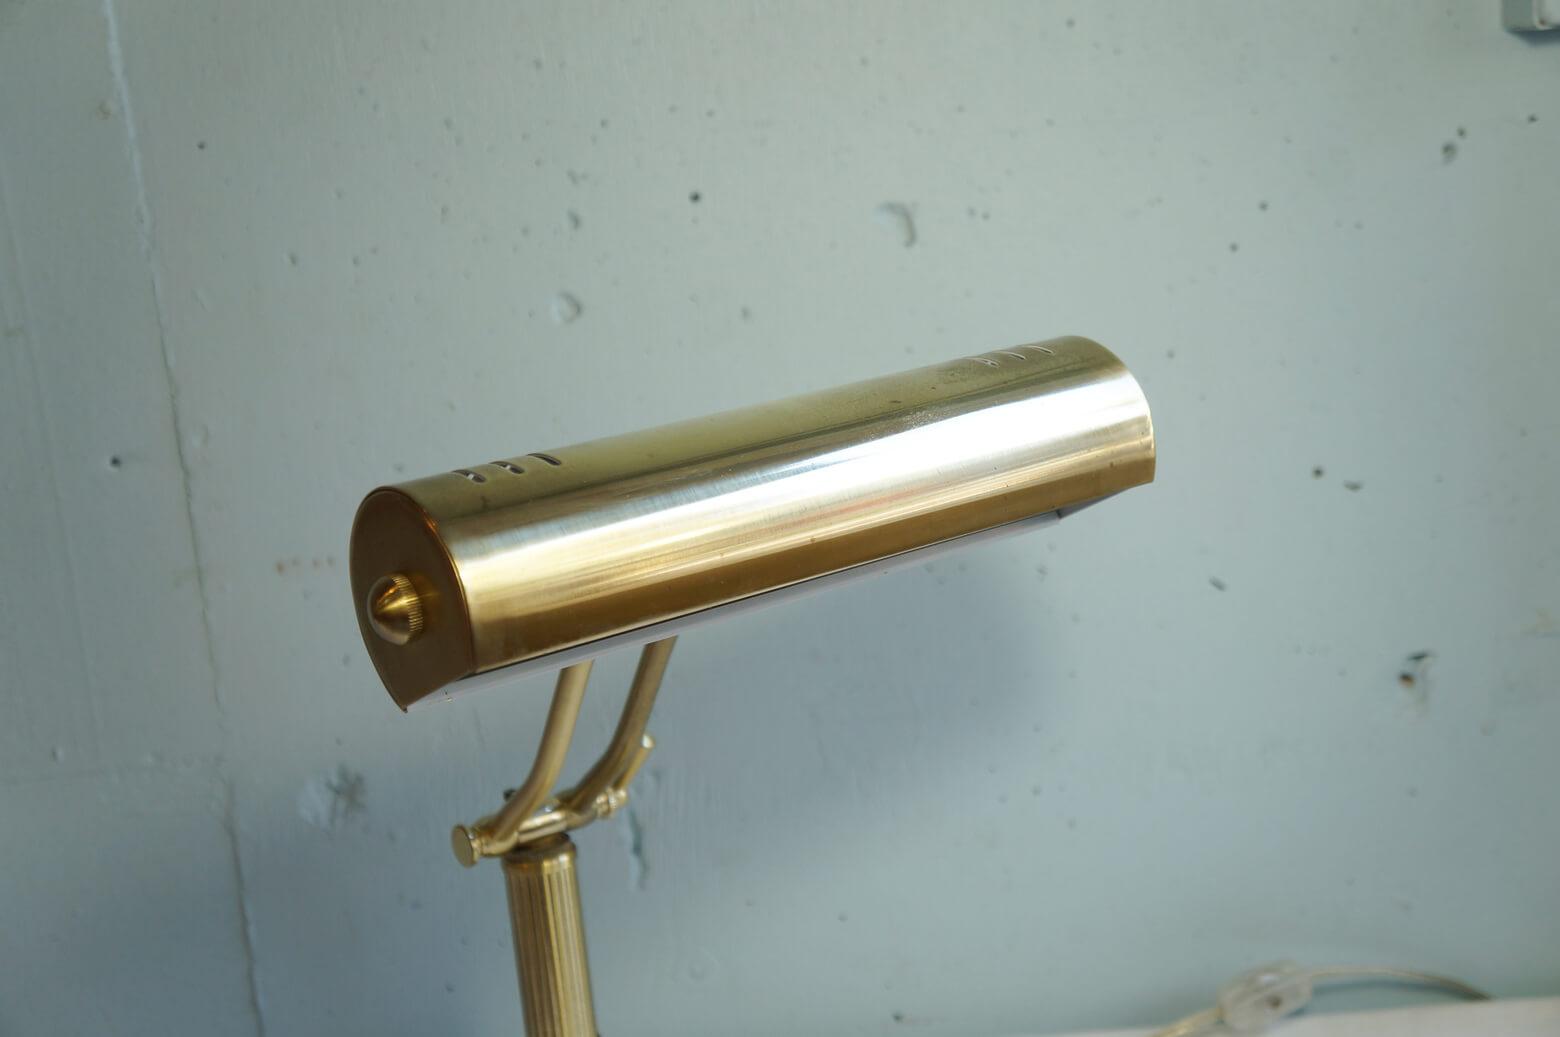 Antique Style Piano Light Desk Lamp/真鍮 ピアノライト デスクライト 照明 アンティークスタイル インテリア